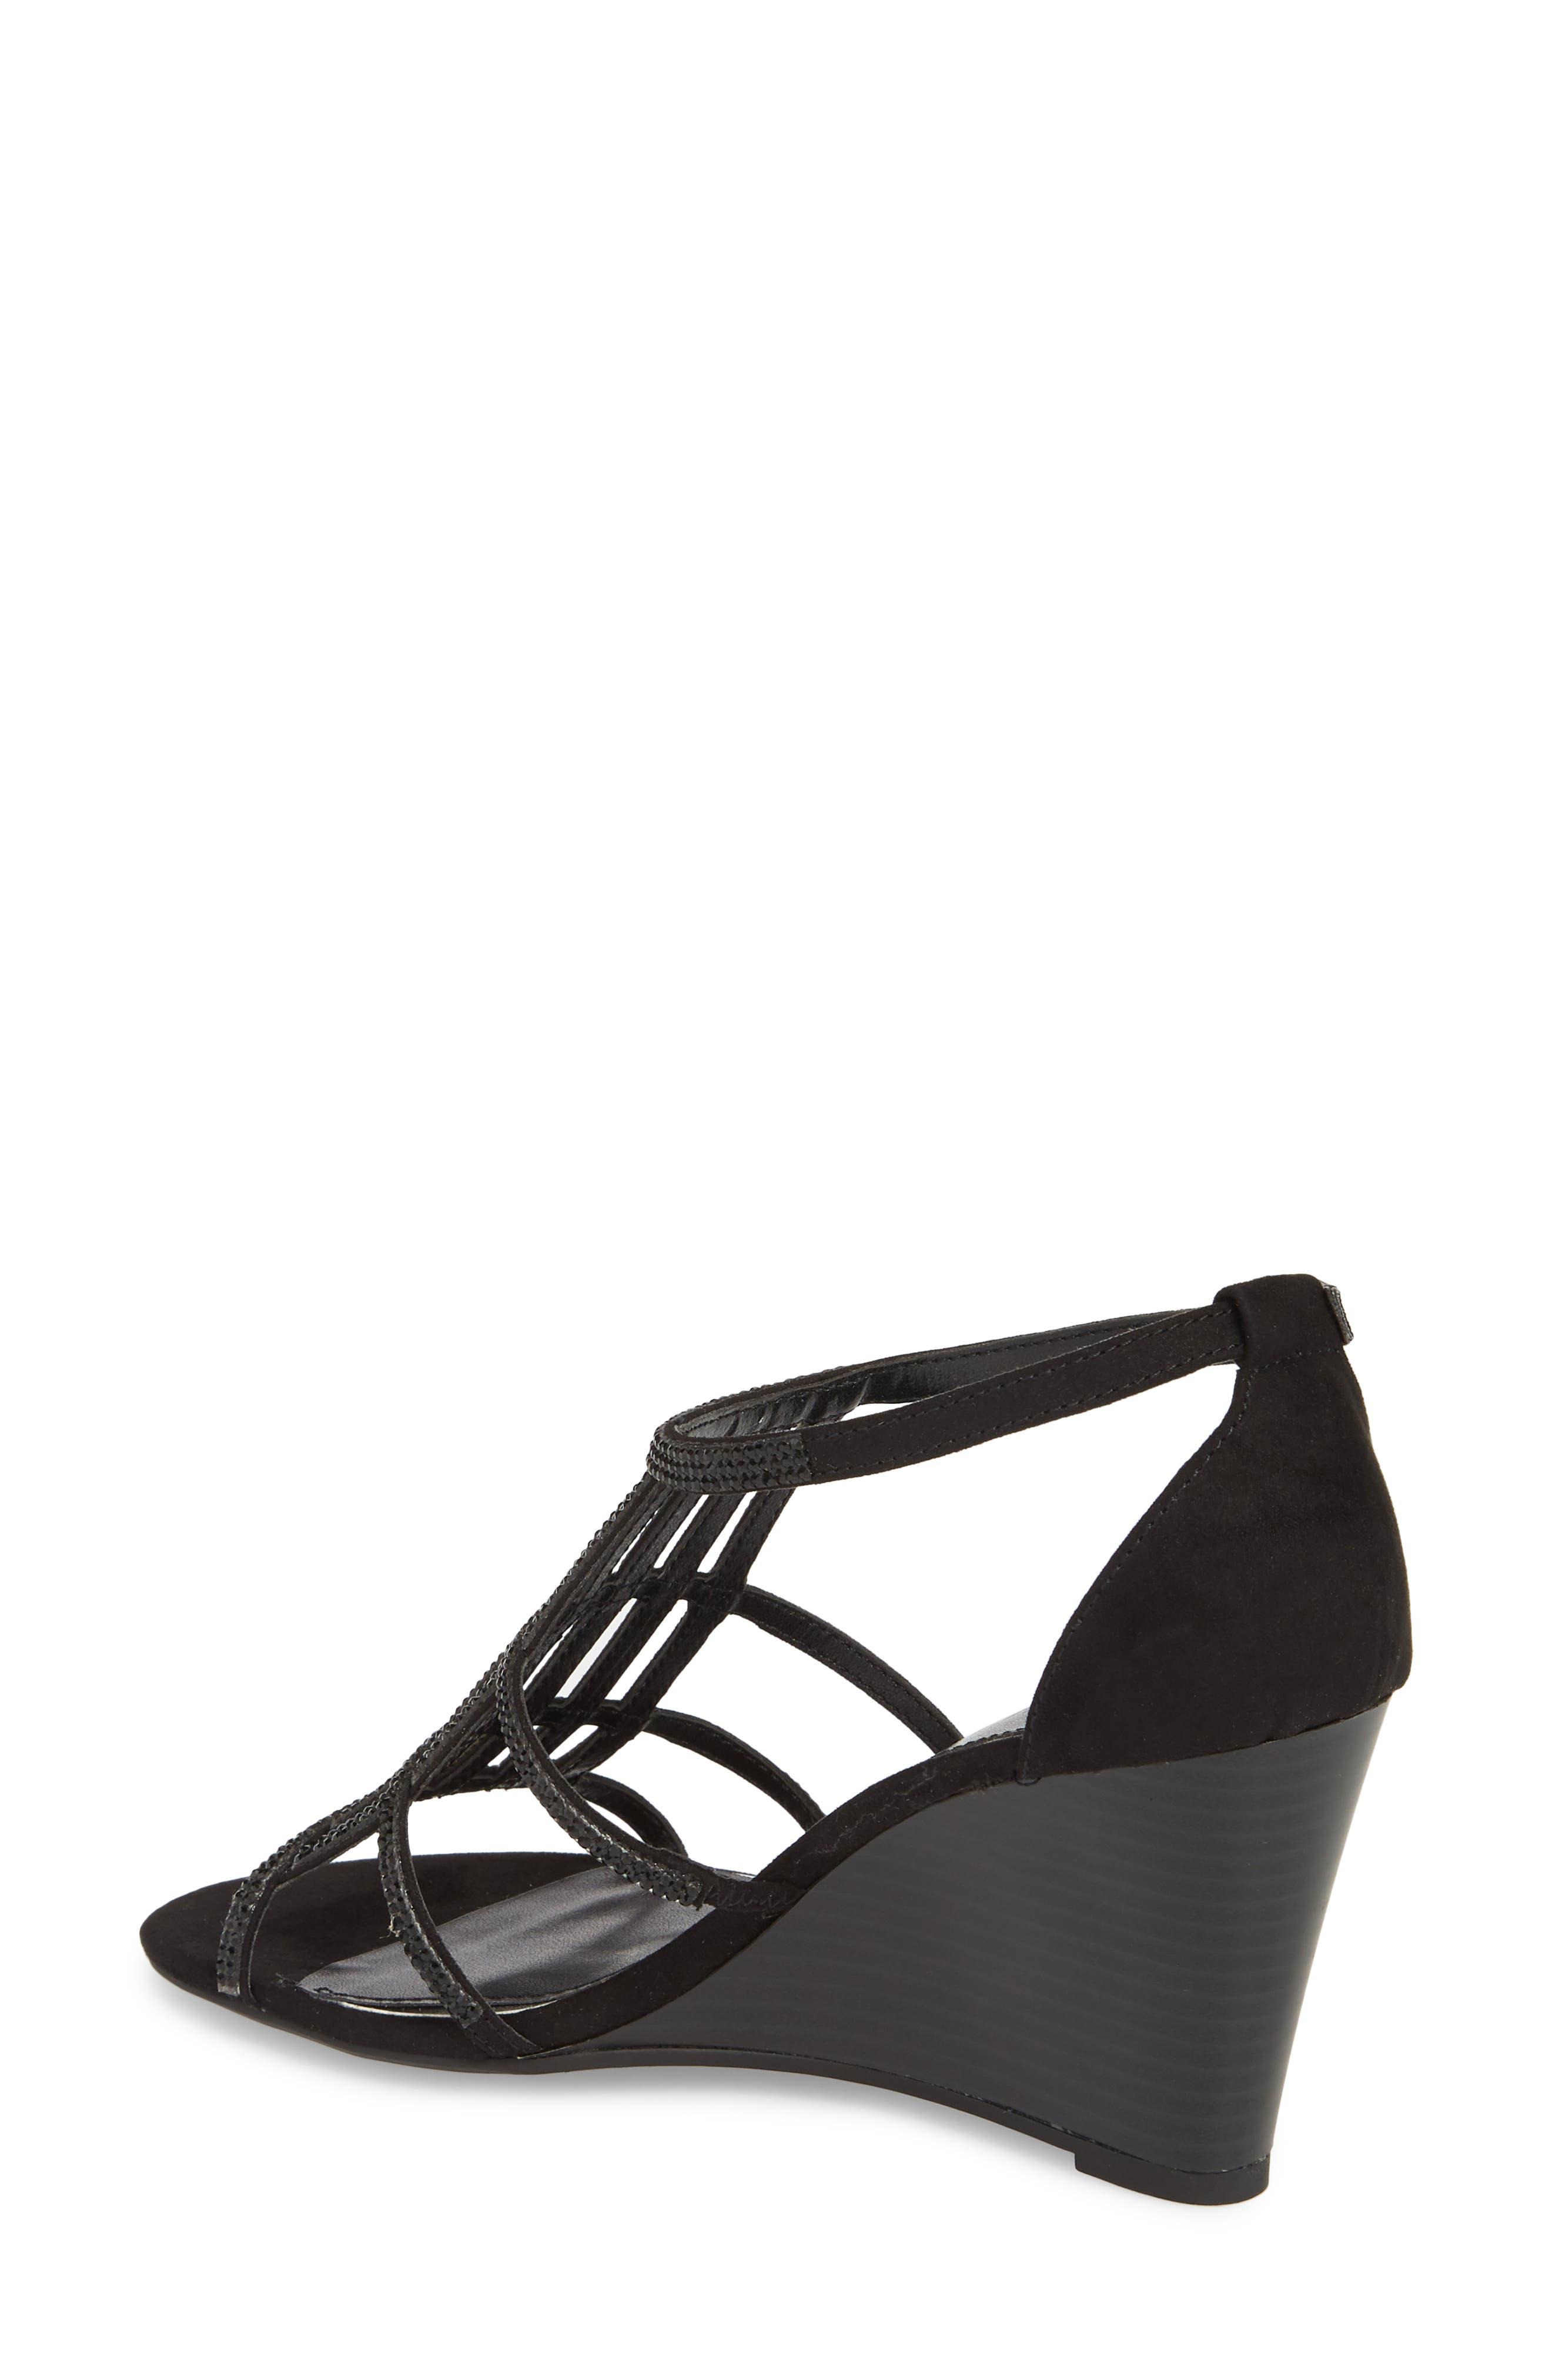 Hampton Crystal Embellished Wedge Sandal,                             Alternate thumbnail 2, color,                             BLACK SUEDE